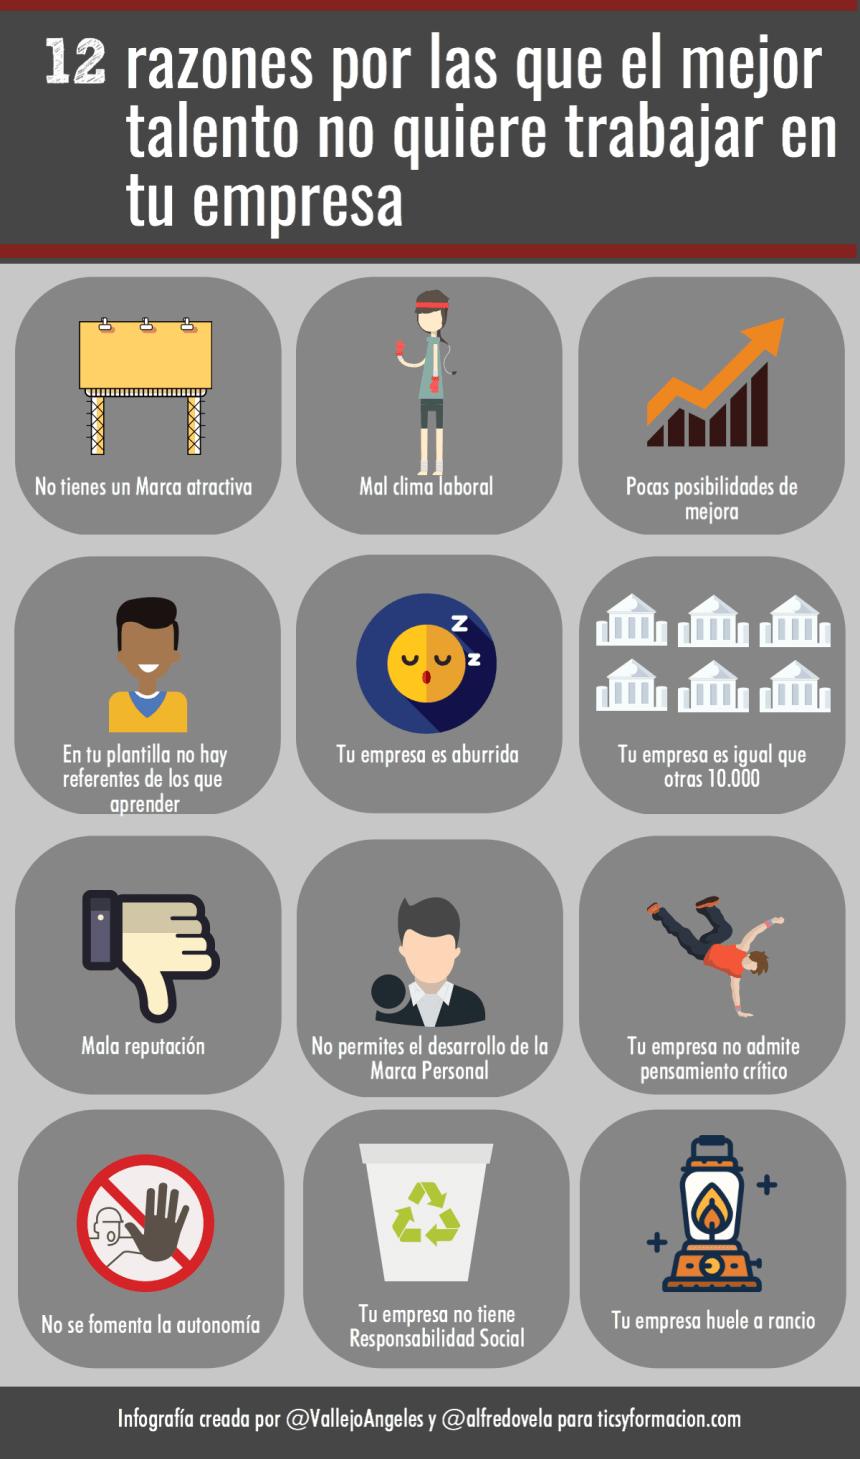 12 razones por las que el mejor talento no quiere trabajar en tu empresa